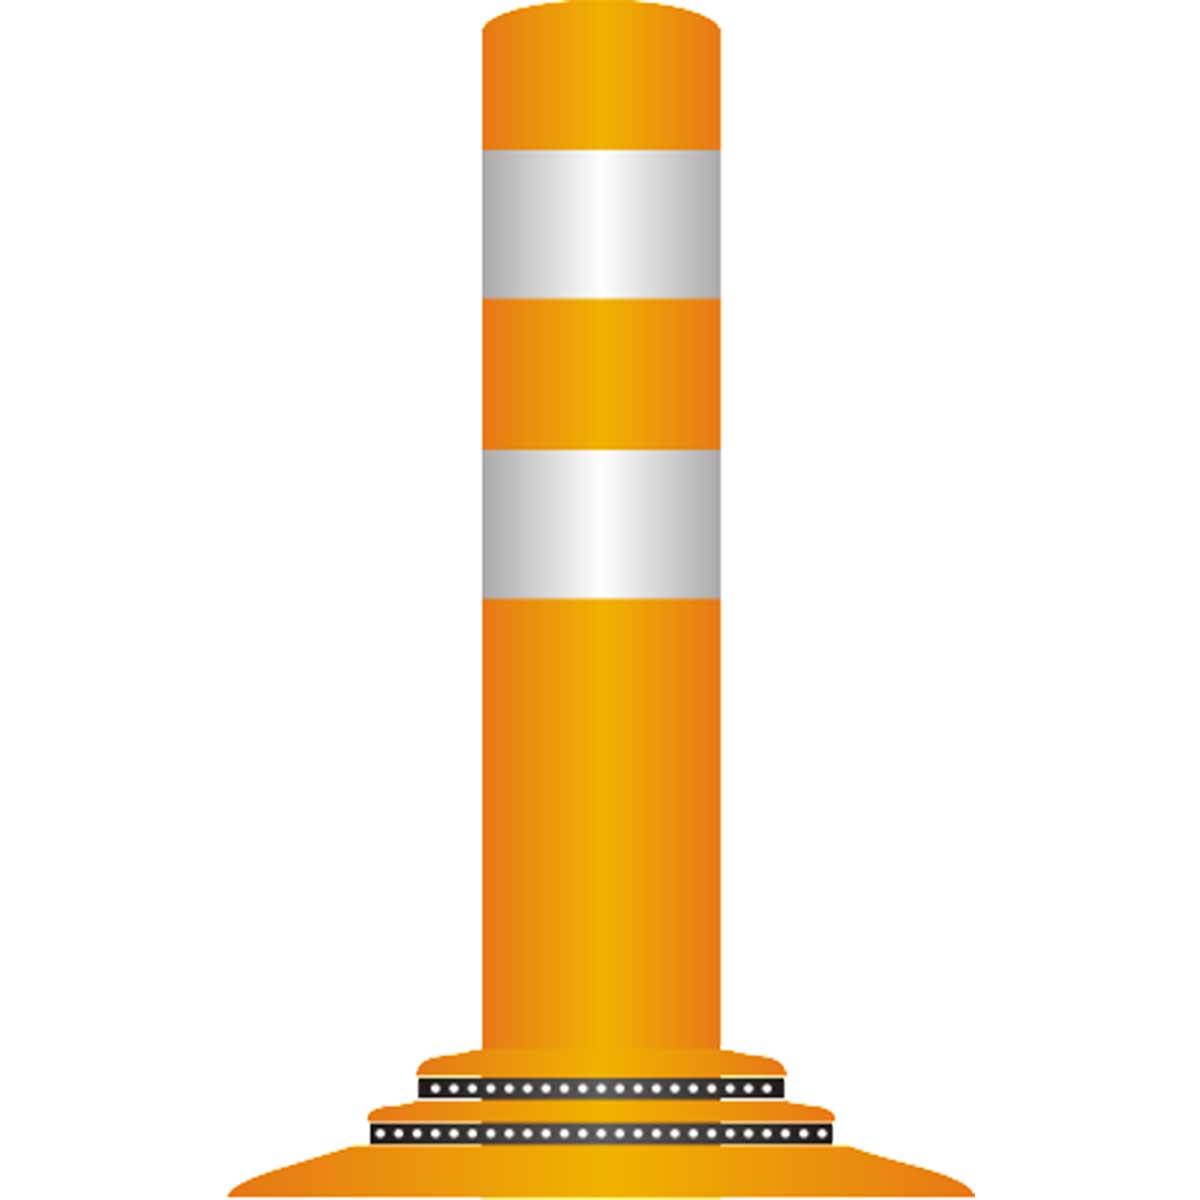 Pilonas flexibles de fijación con adhesivo epoxy para delimitación de zonas peatonales, vados...